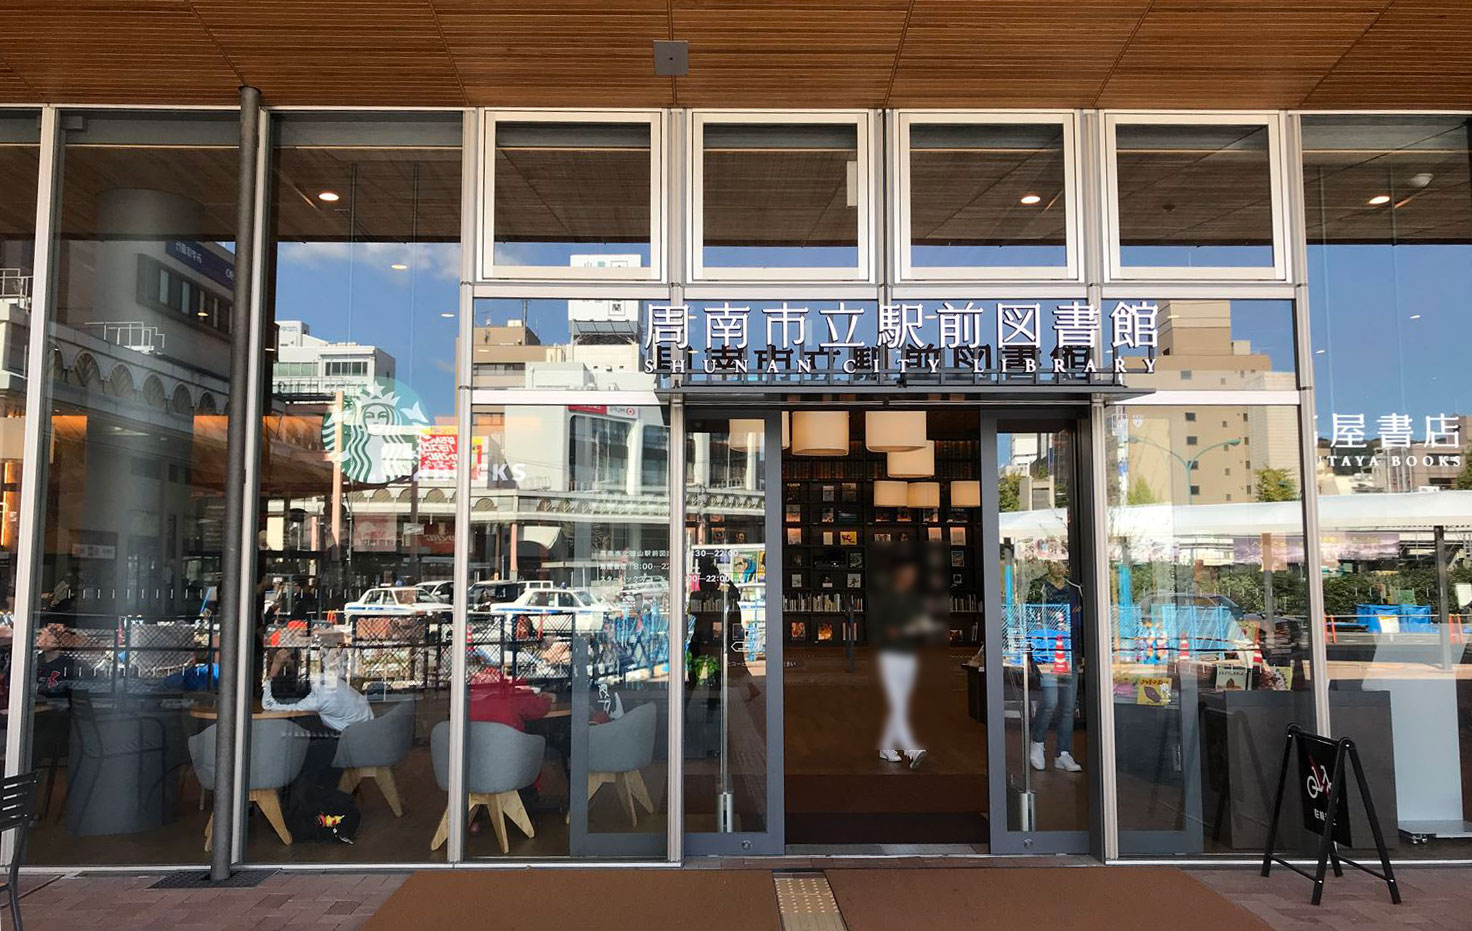 周南市立徳山駅前図書館